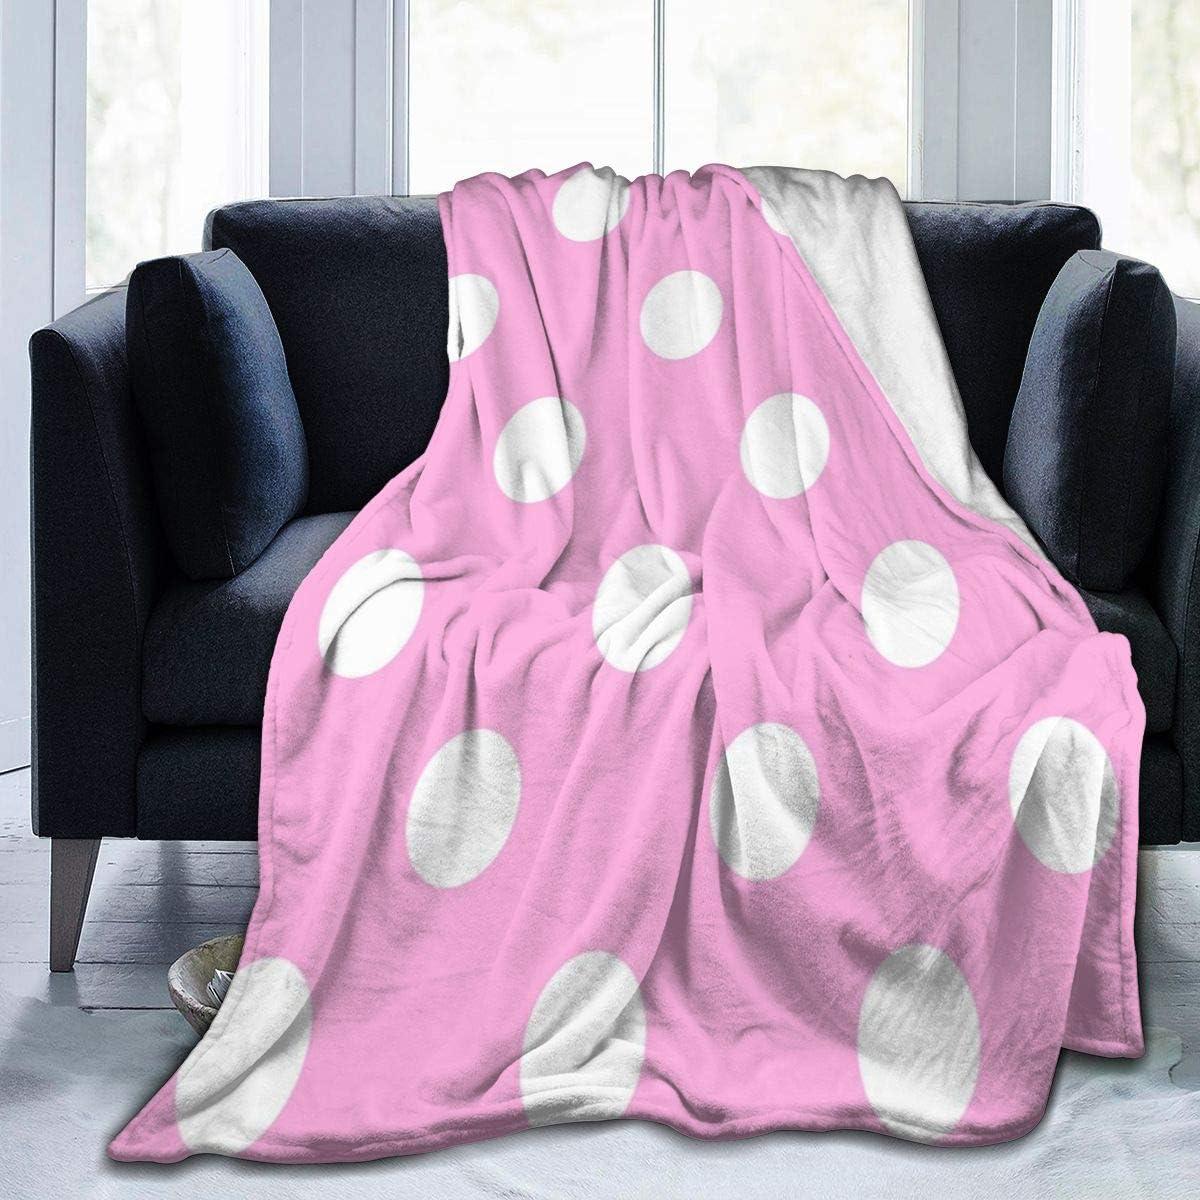 Pink /& White Polka Dot Comfort Blanket